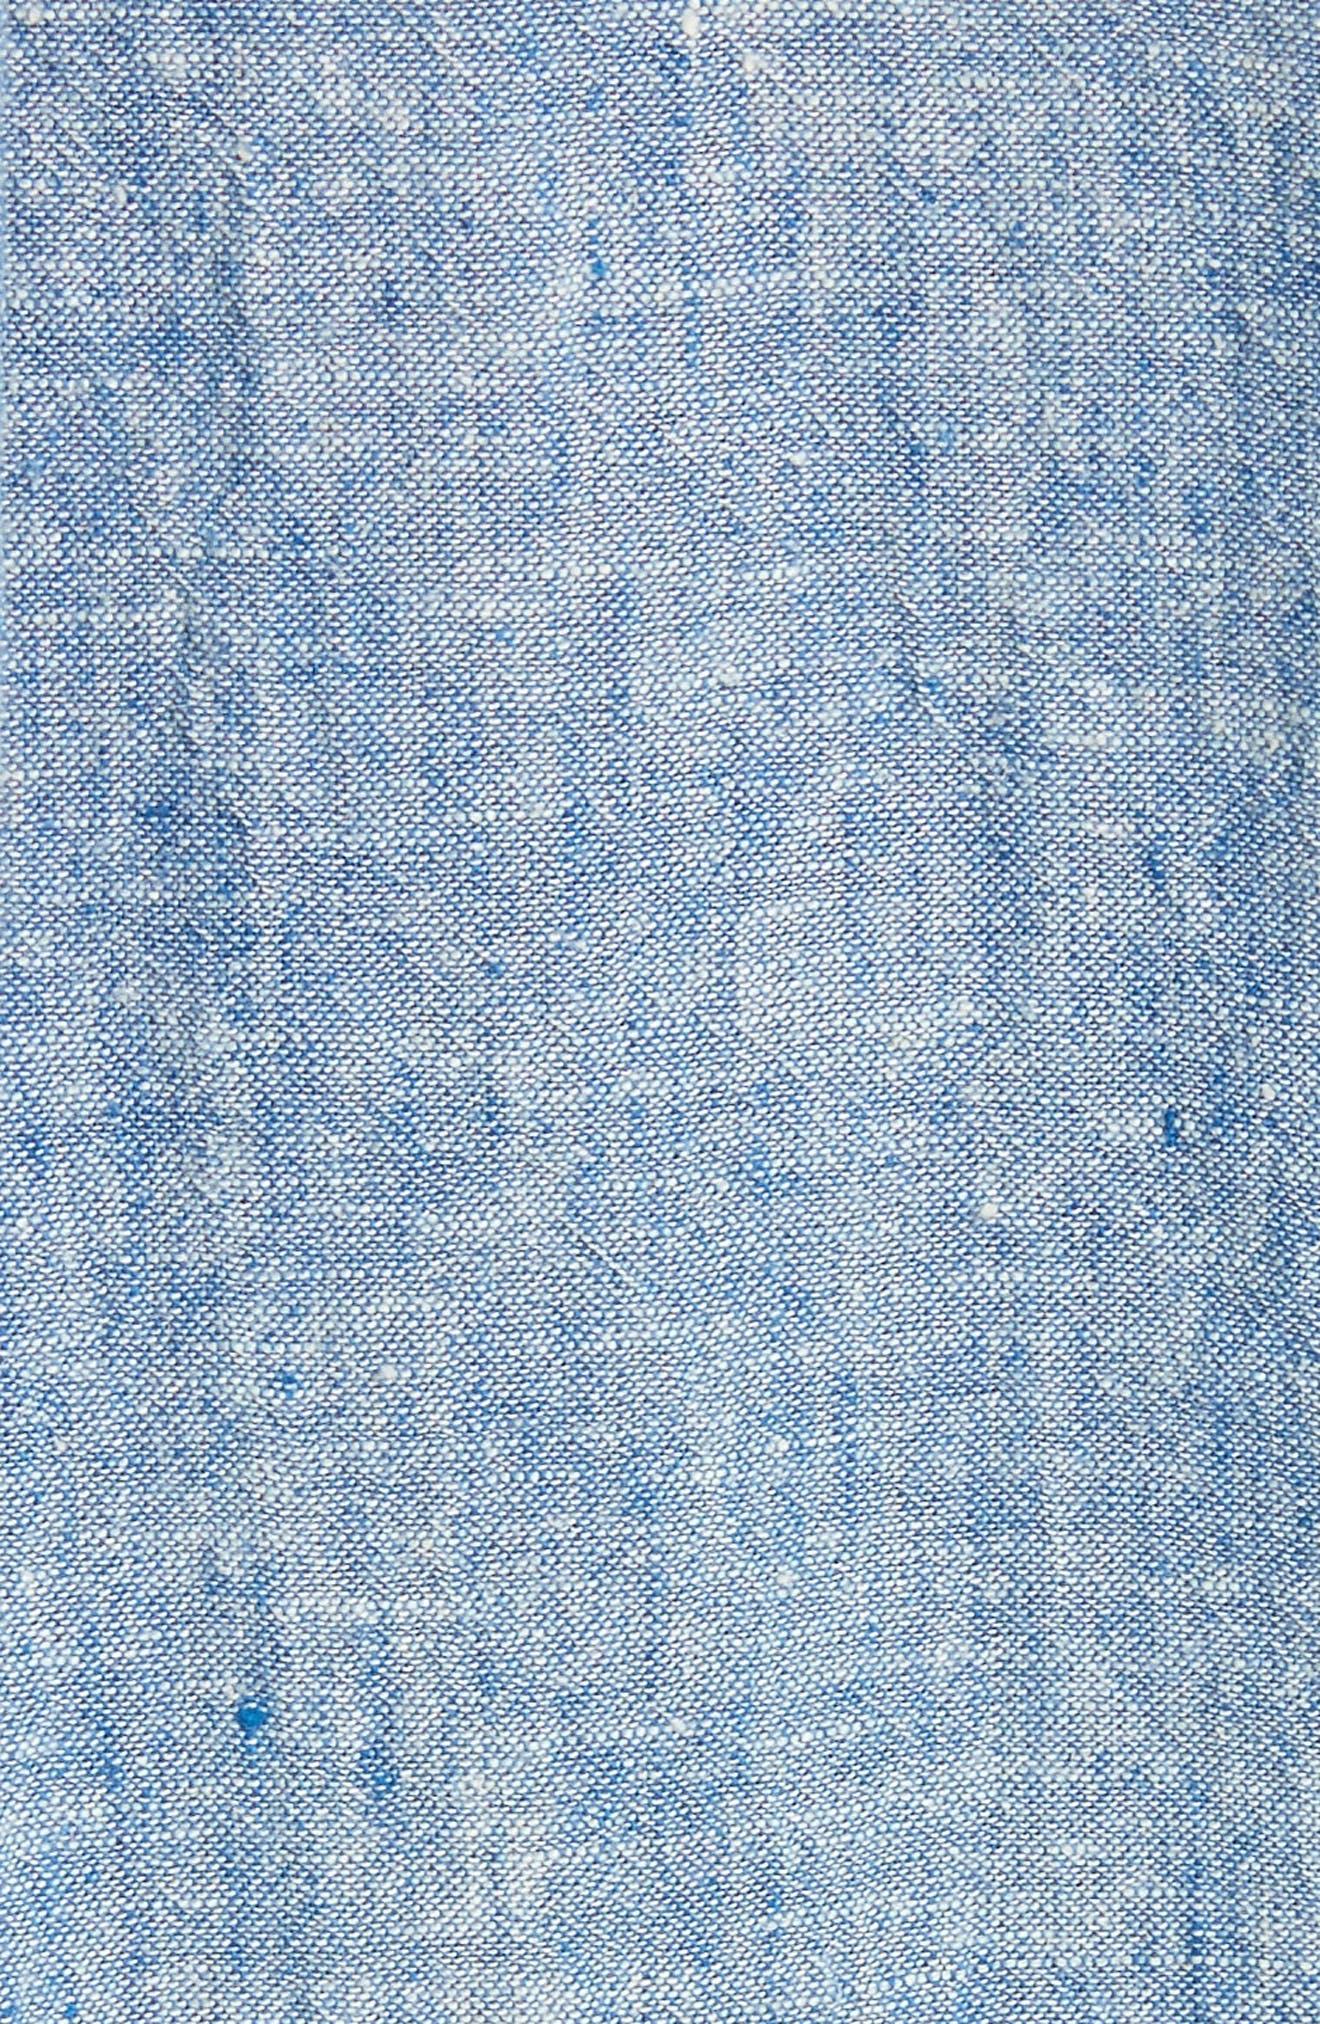 Amiri Chambray Shirtdress,                             Alternate thumbnail 5, color,                             409